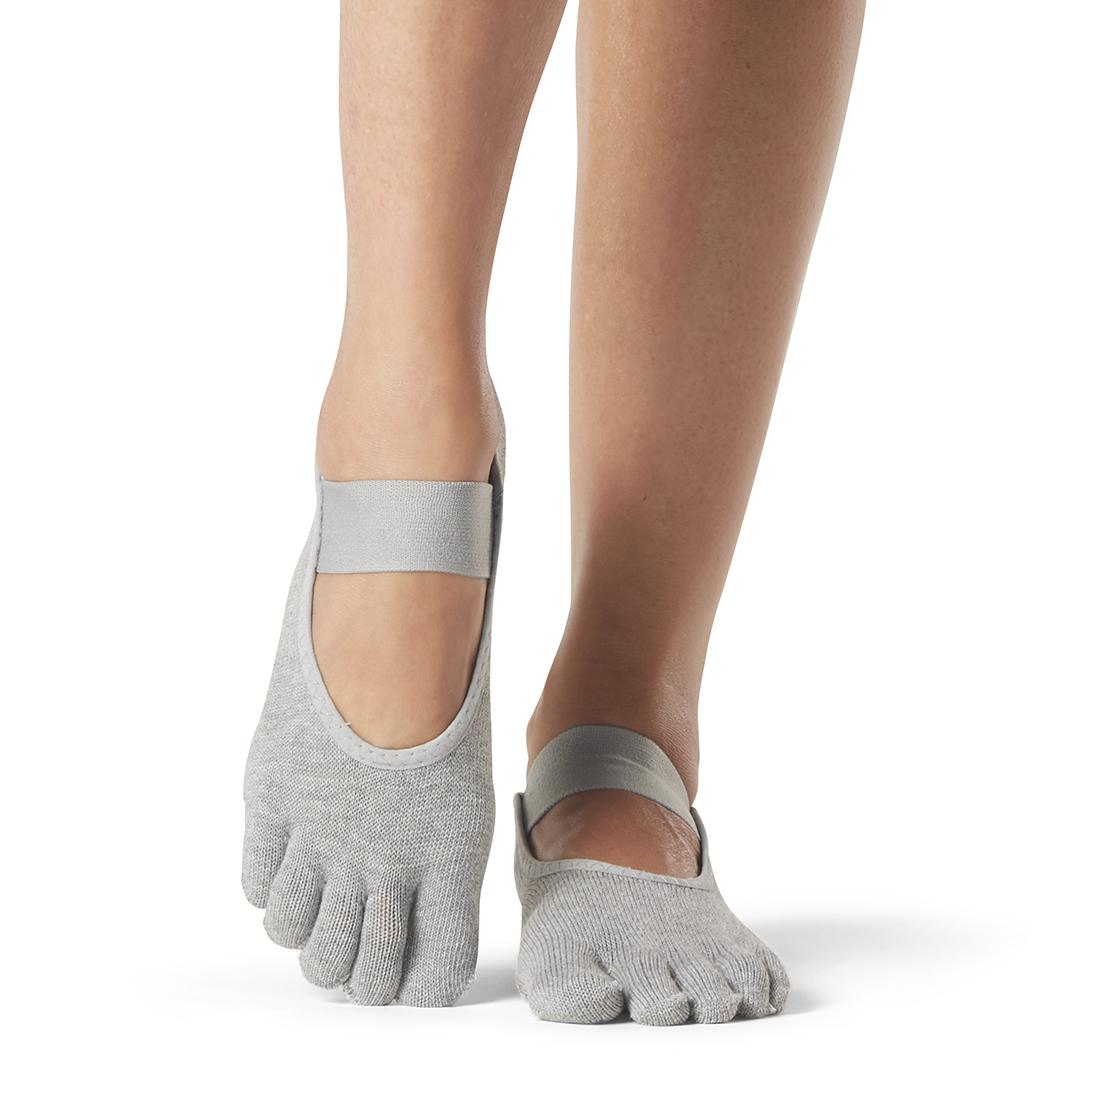 ToeSox Mia Full Toe Heather Grey - 1